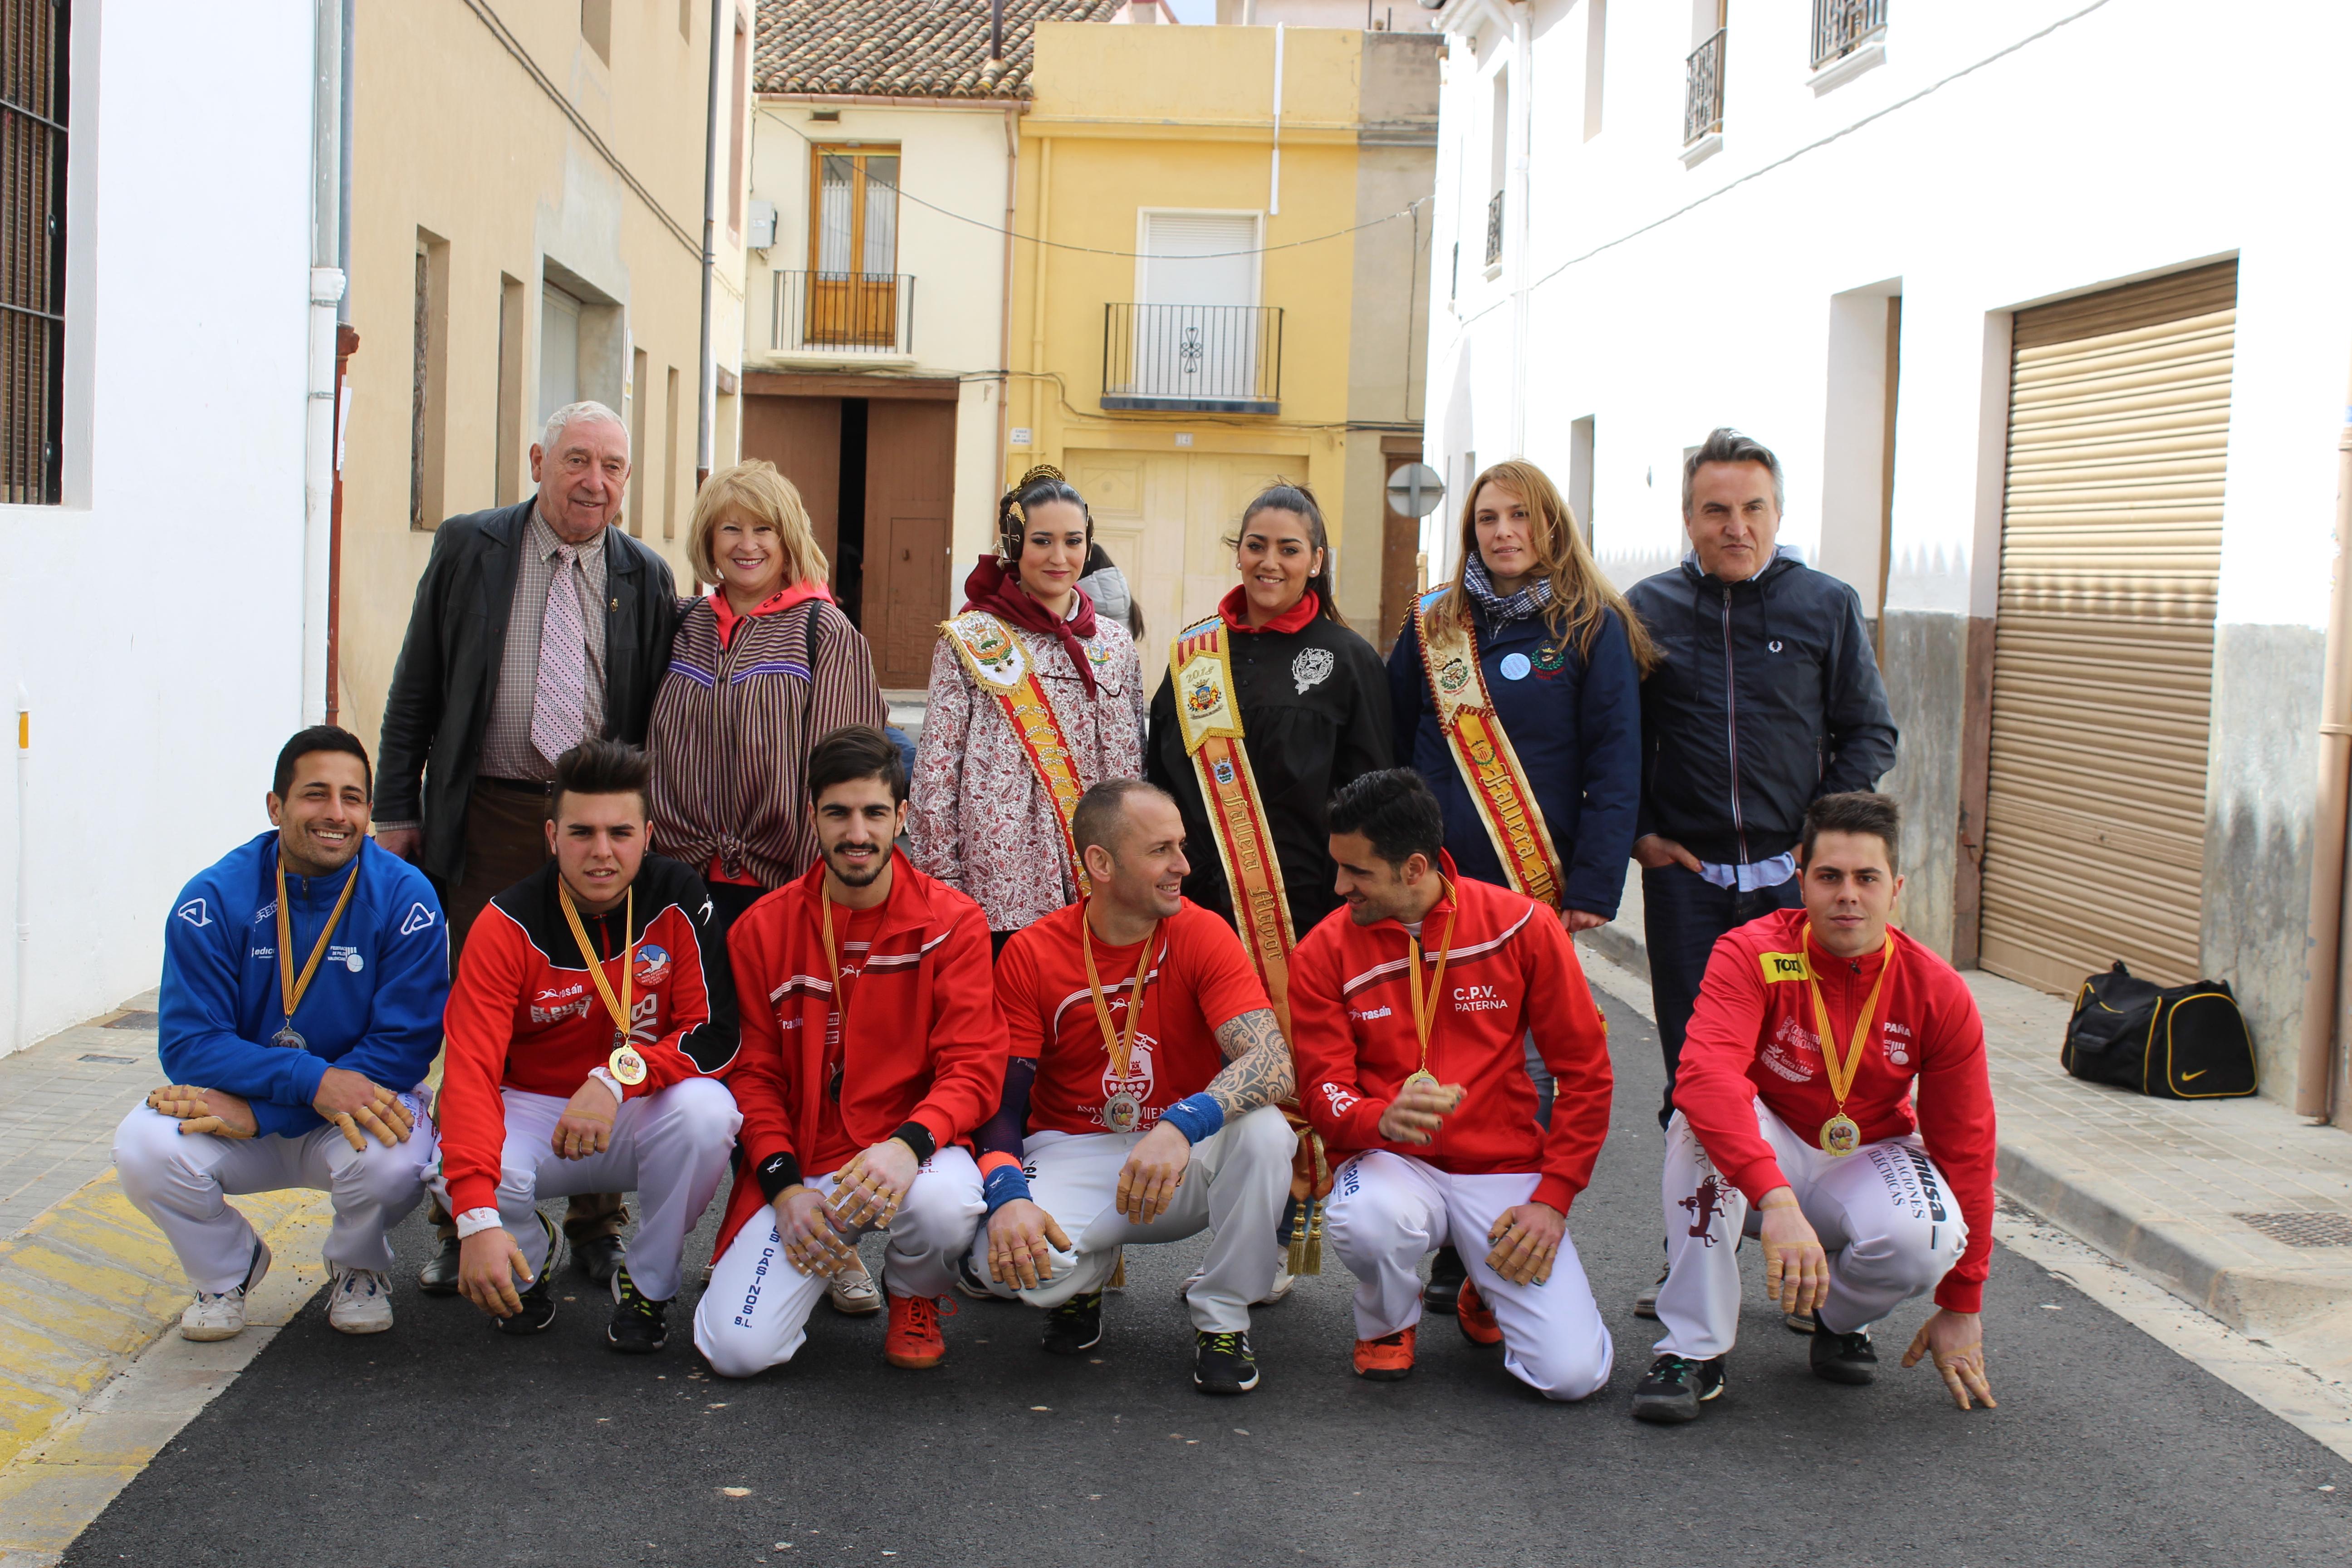 La jornada se cerró con la entrega de un detalle por parte de las tres falleras mayores a ambos equipos y con una foto de grupo.